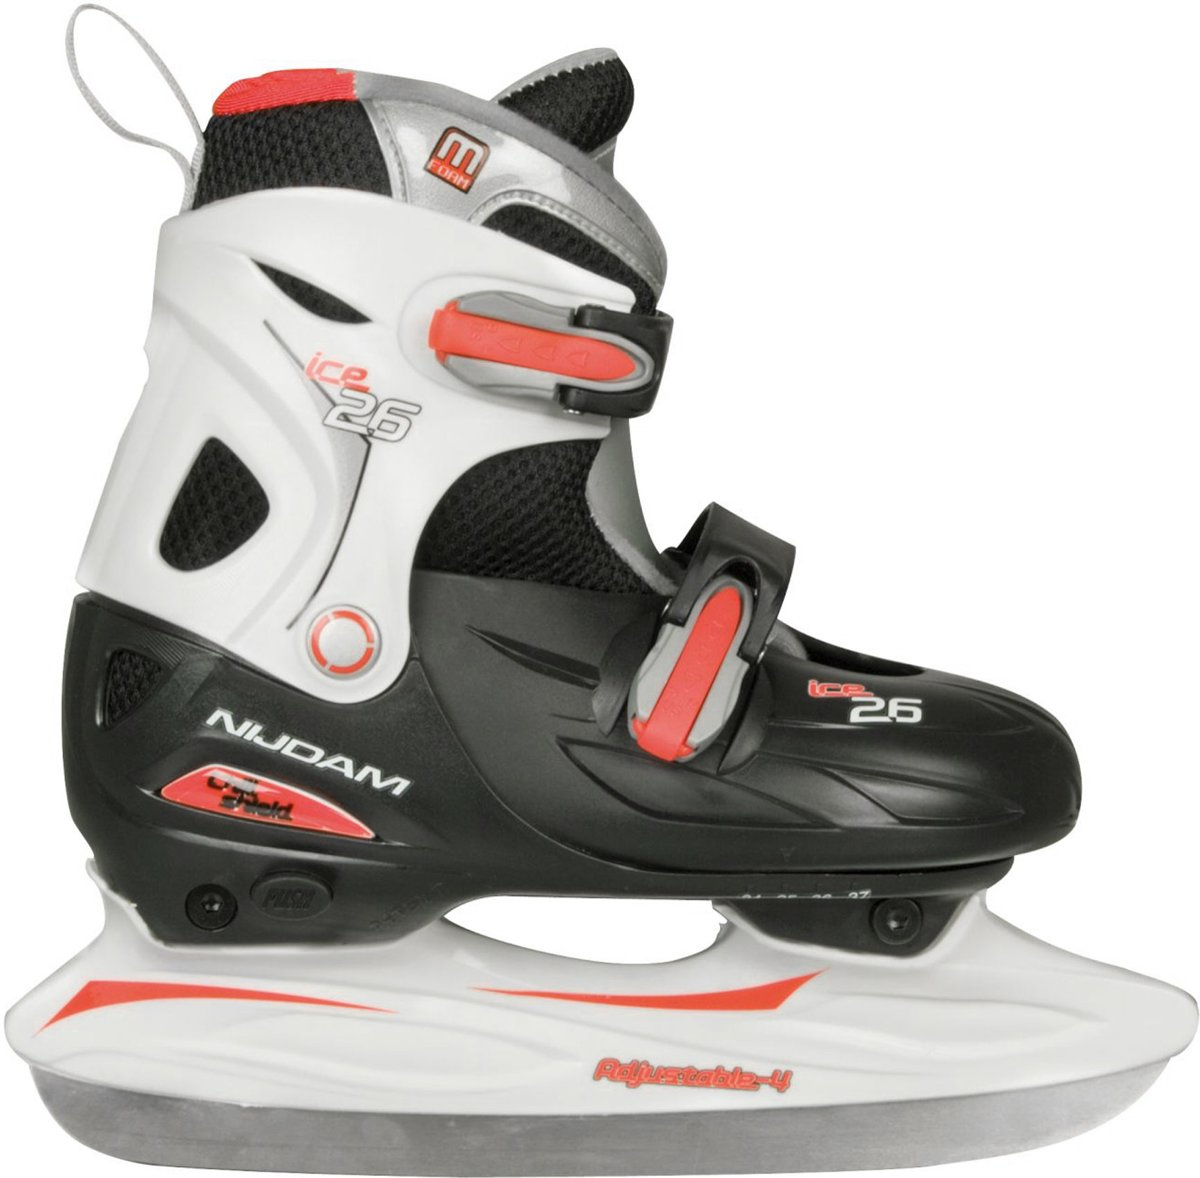 Nijdam 0026 Junior IJshockeyschaats - Verstelbaar - Hardboot - Zwart/Wit - Maat 27-30